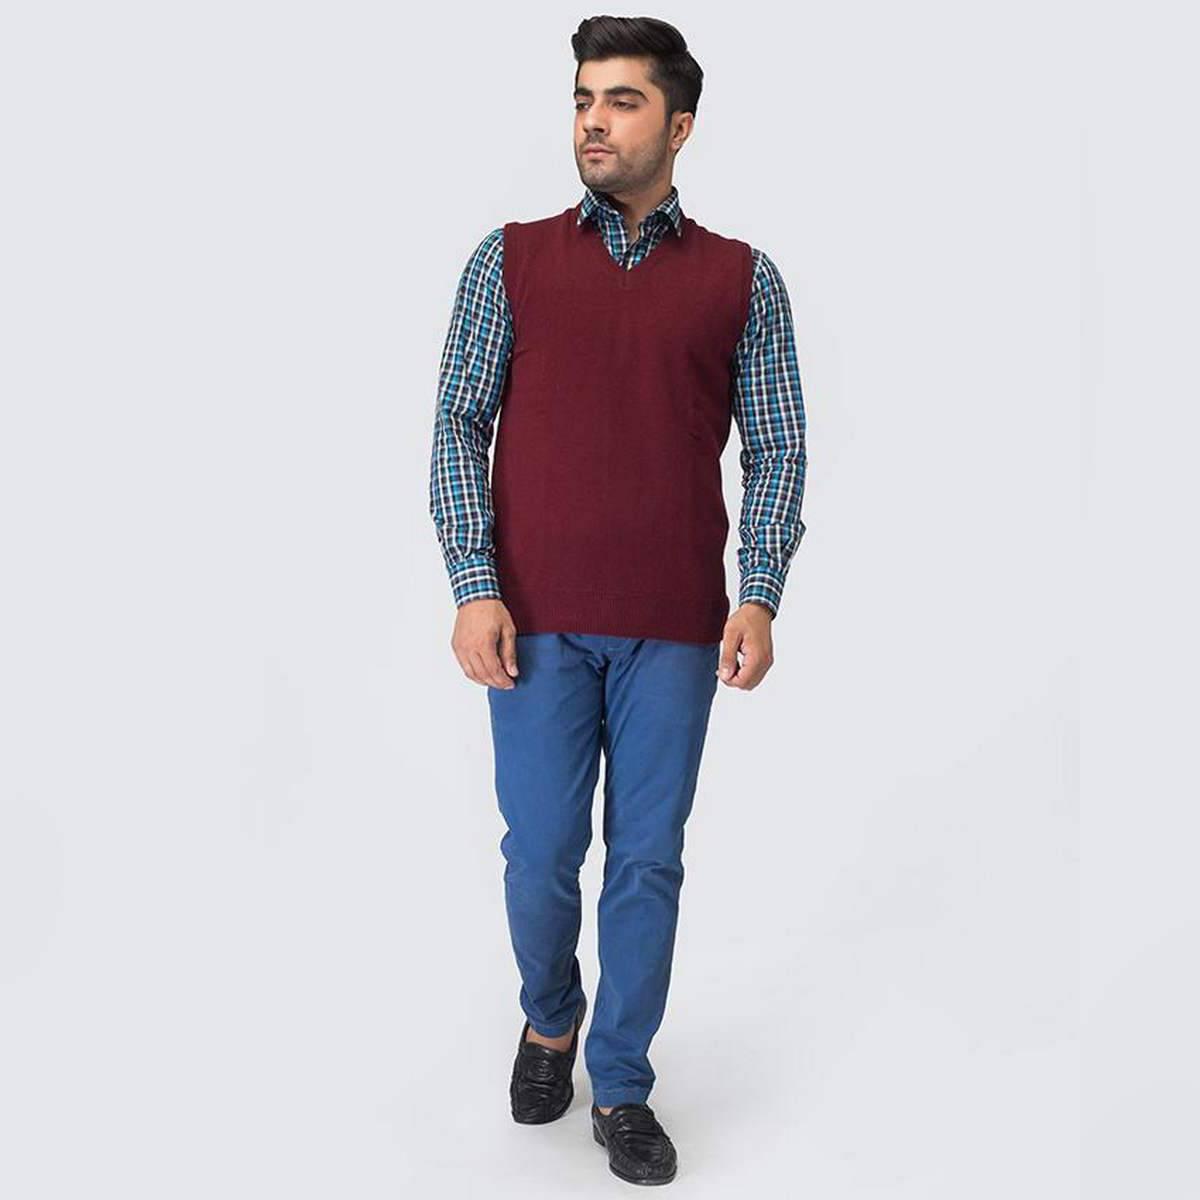 Oxford Lambswool Plain Sleeveless For Men